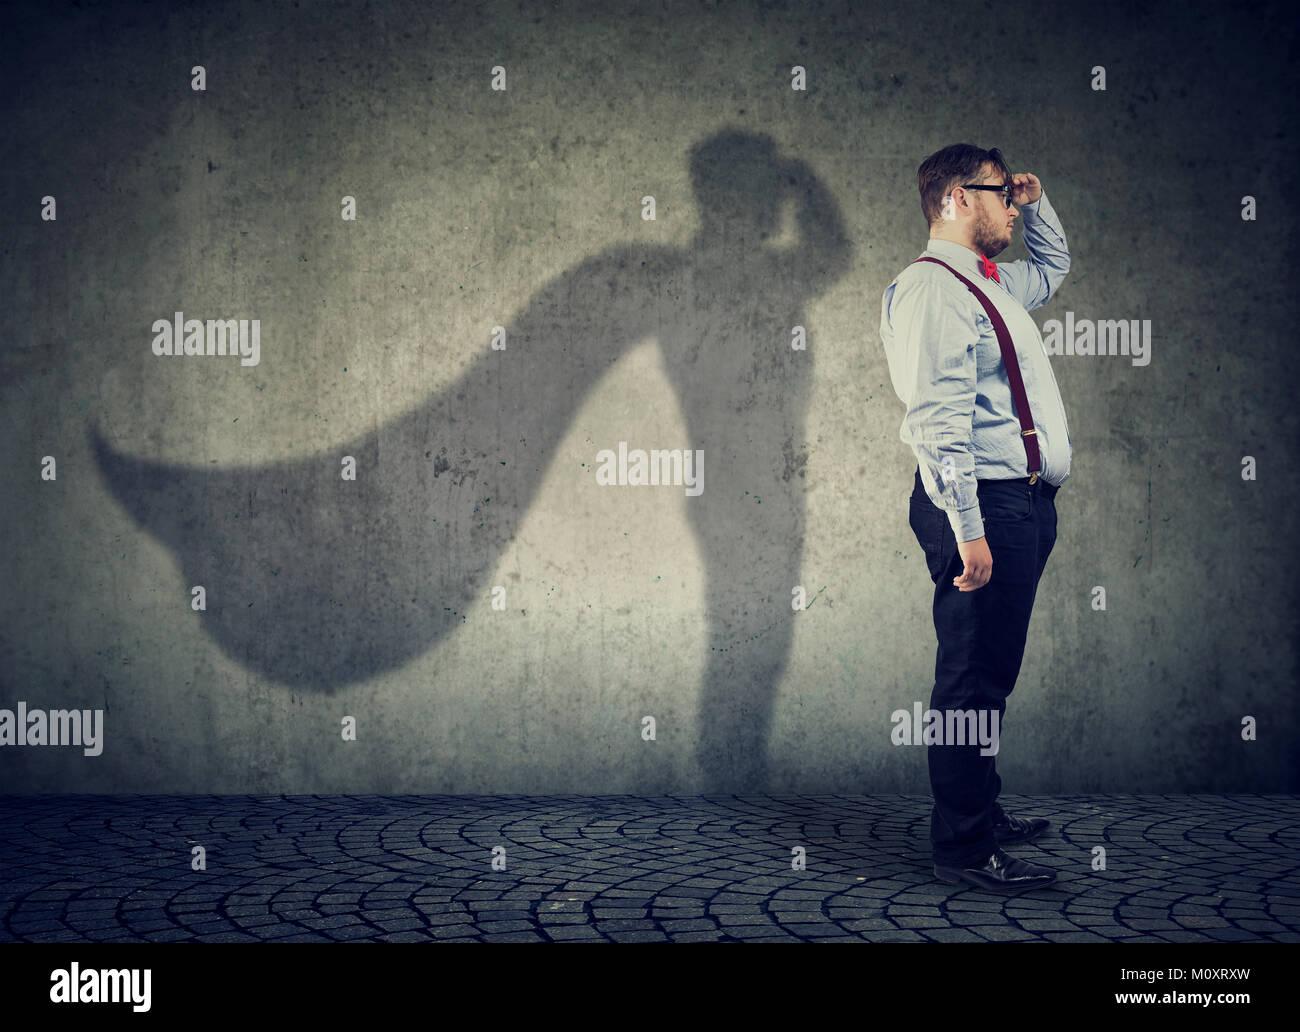 Vista lateral de un hombre gordito imaginándose a ser super héroe busca aspiraban. Imagen De Stock